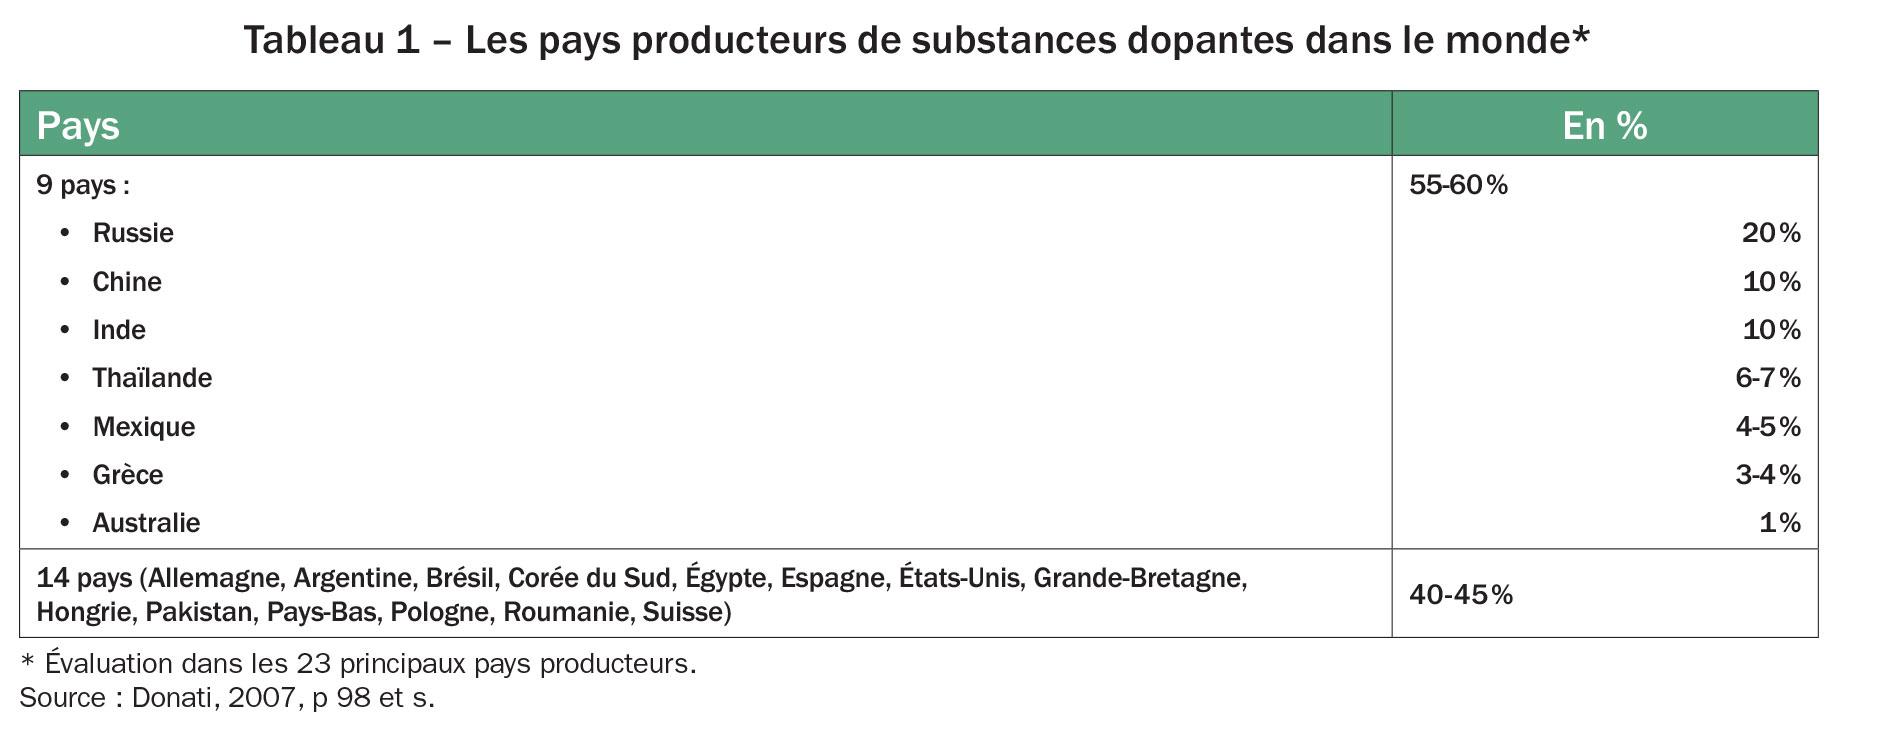 monopole pharmaceutique définition